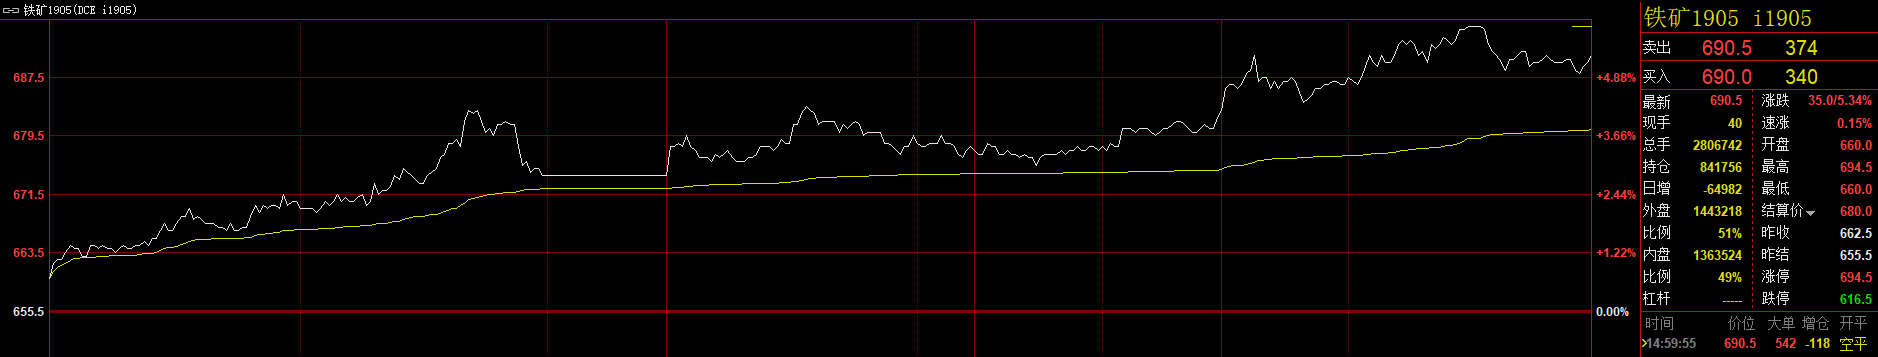 商品期货普遍上涨 铁矿石尾盘涨停续刷两年多高位